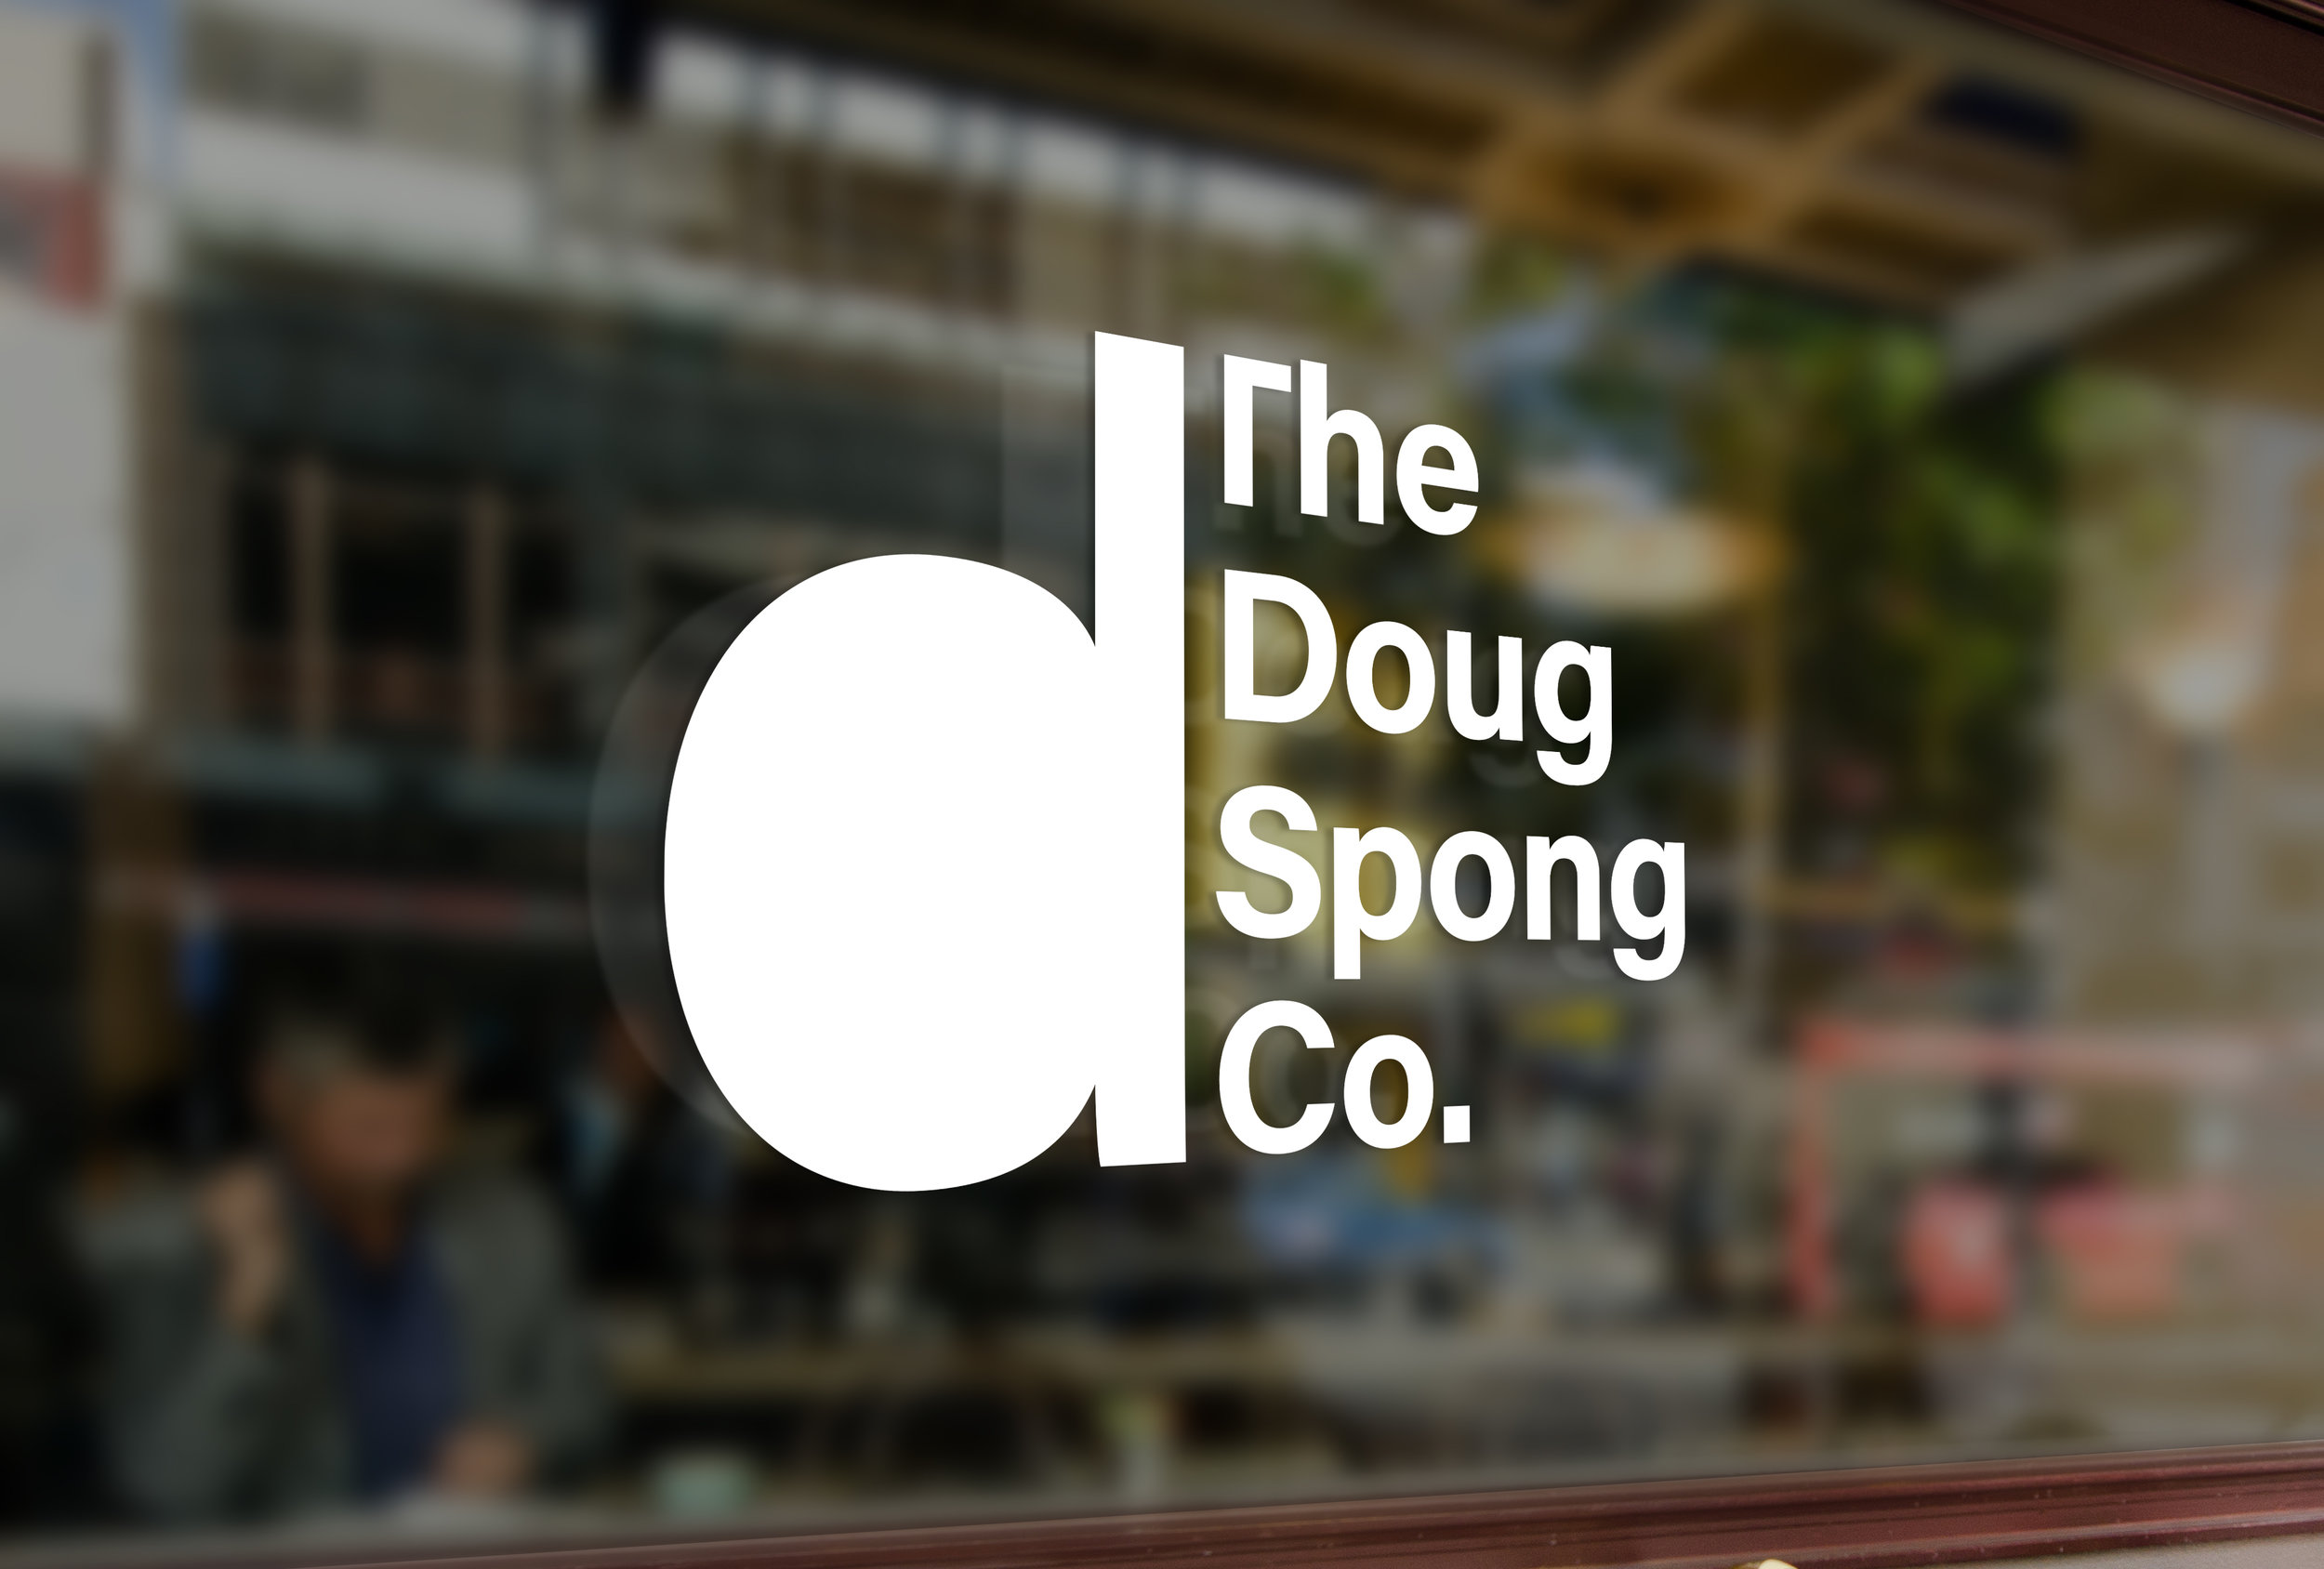 DougSpongCompany_5.jpg